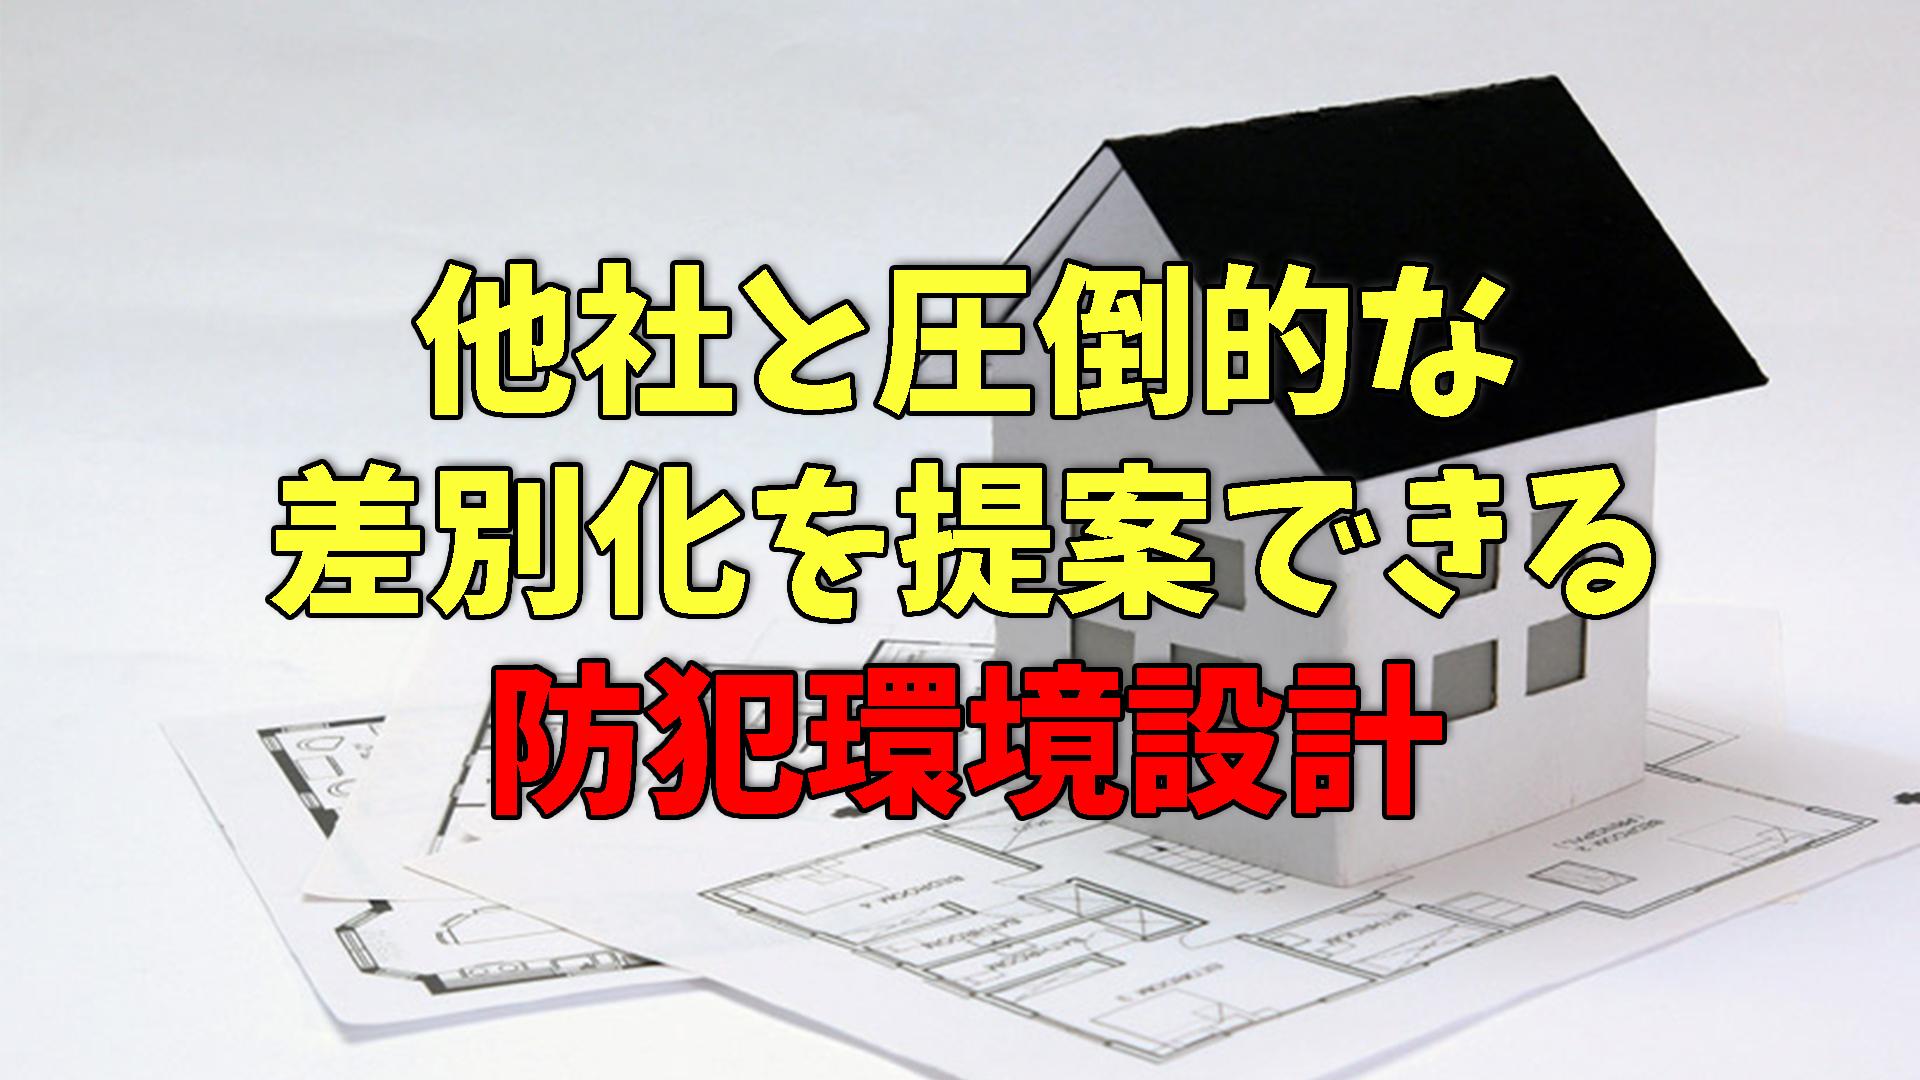 一般社団法人日本防犯学校、トップページ画像、梅本正行、桜井礼子、防犯対策、防犯、防犯環境設計、防犯住宅